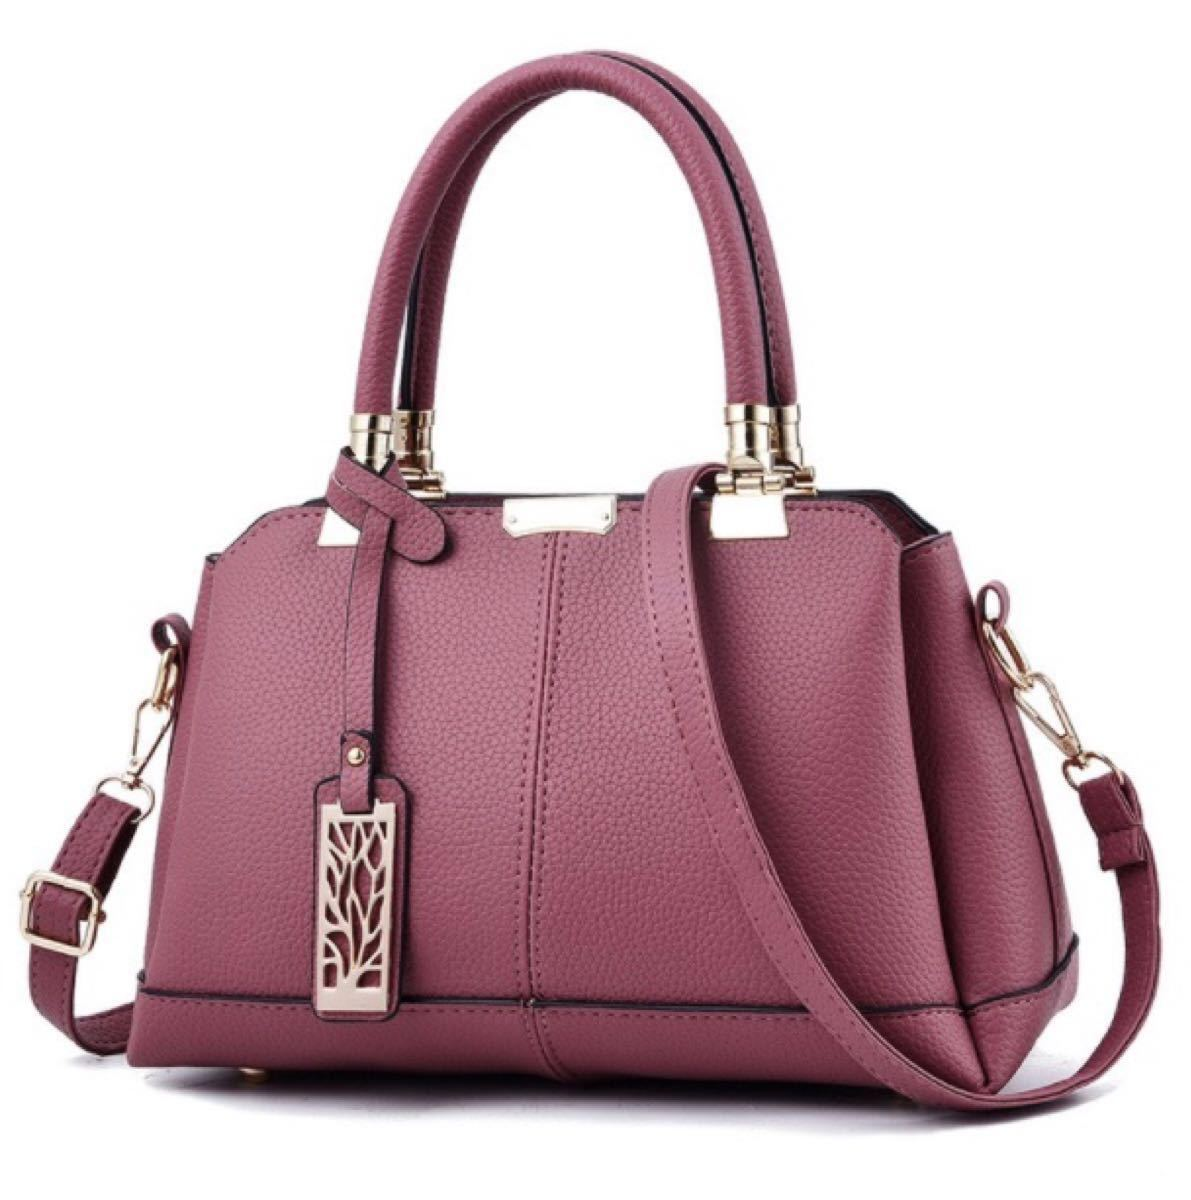 手提げバッグ 2Way ハンドバッグ ショルダーバッグ ピンク